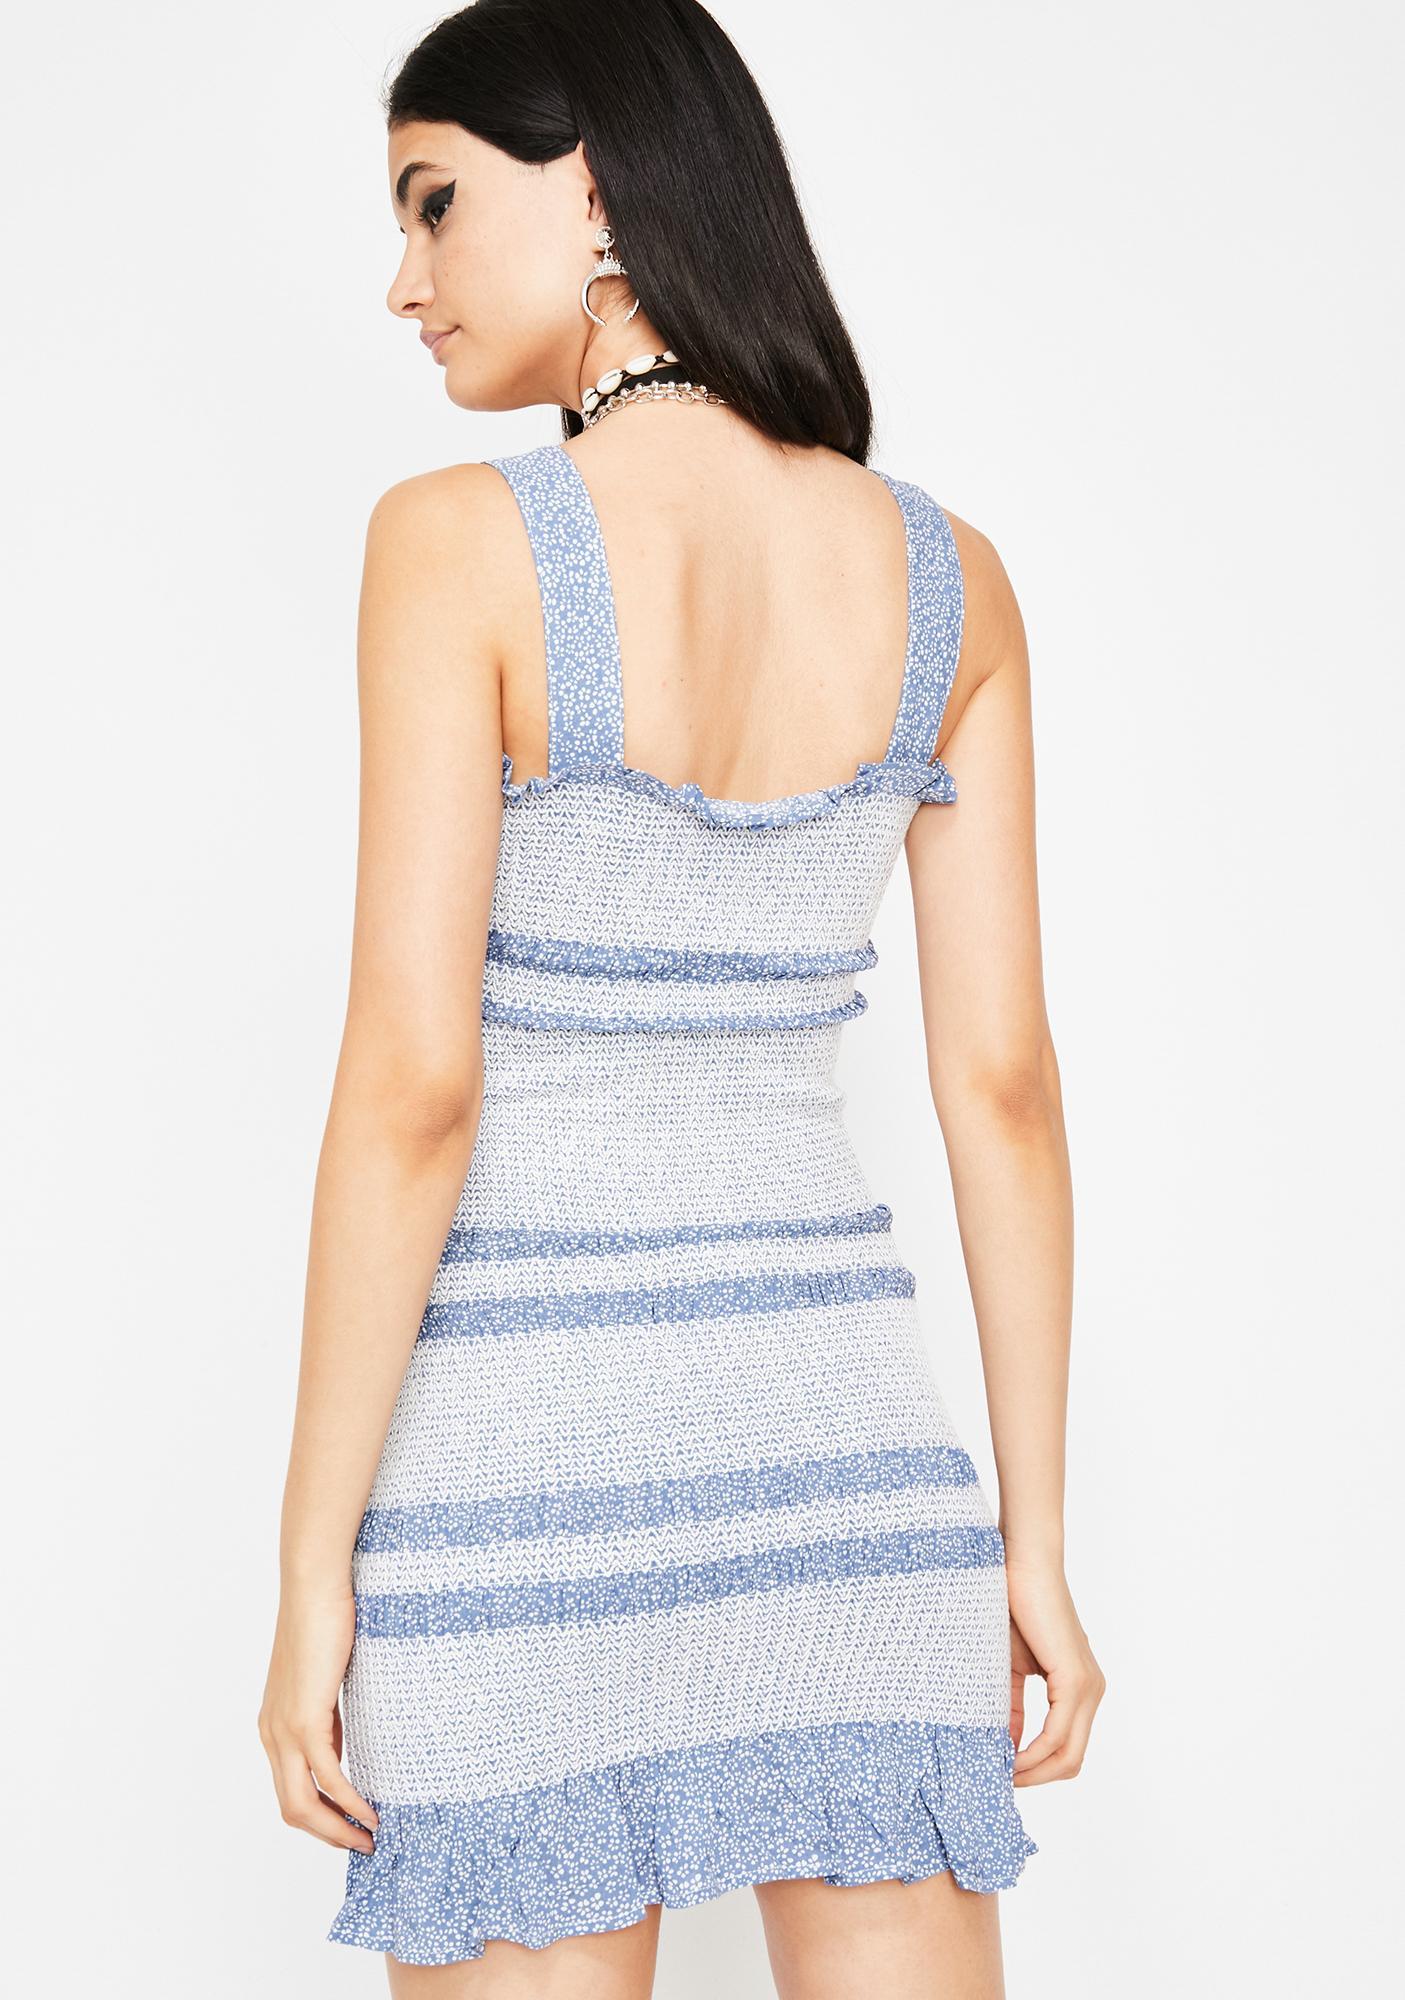 Sky Exotic Stargazer Mini Dress